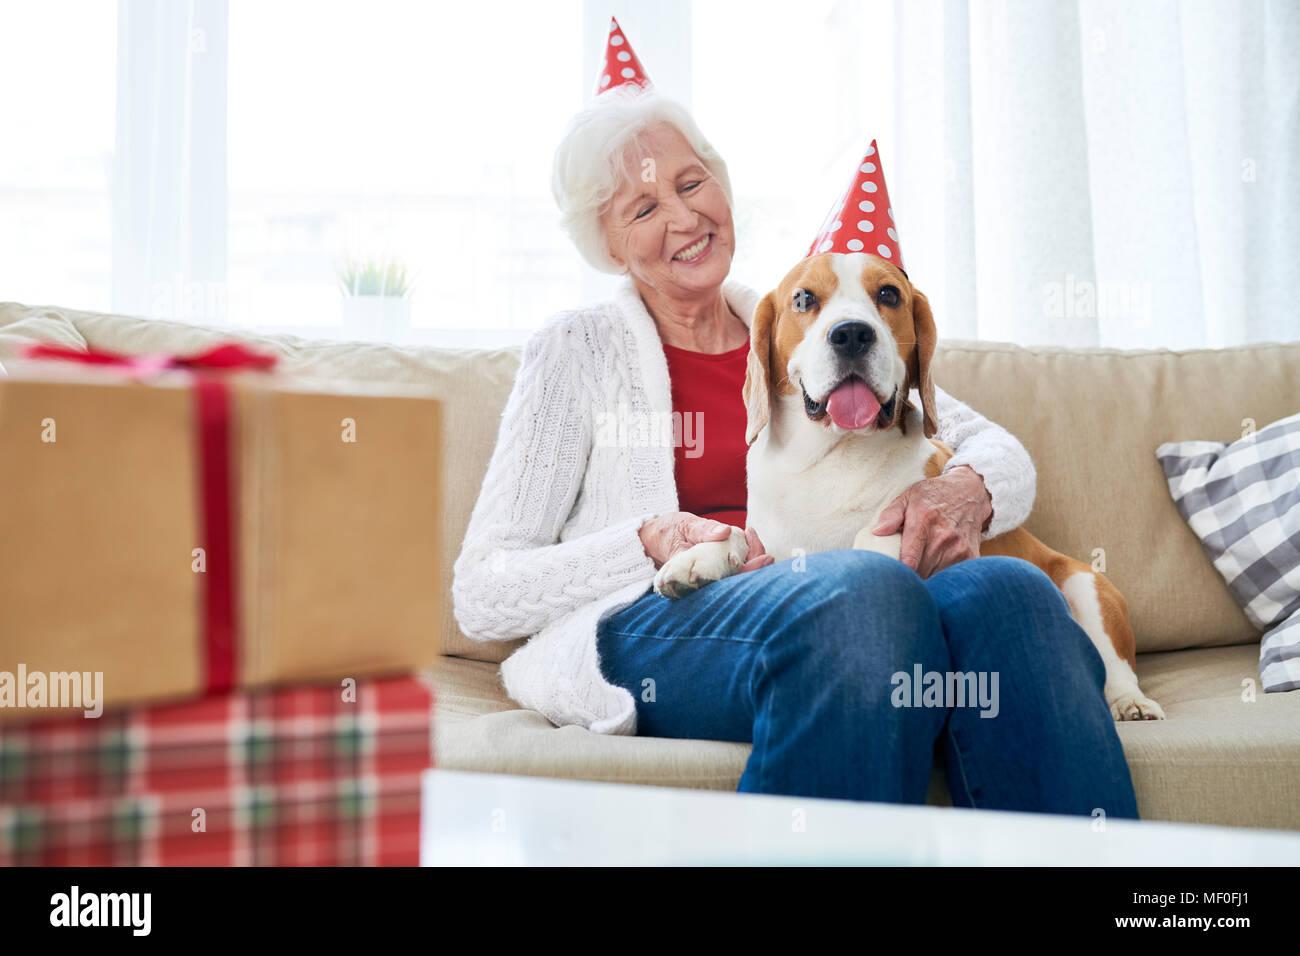 Joyful birthday party with dog - Stock Image